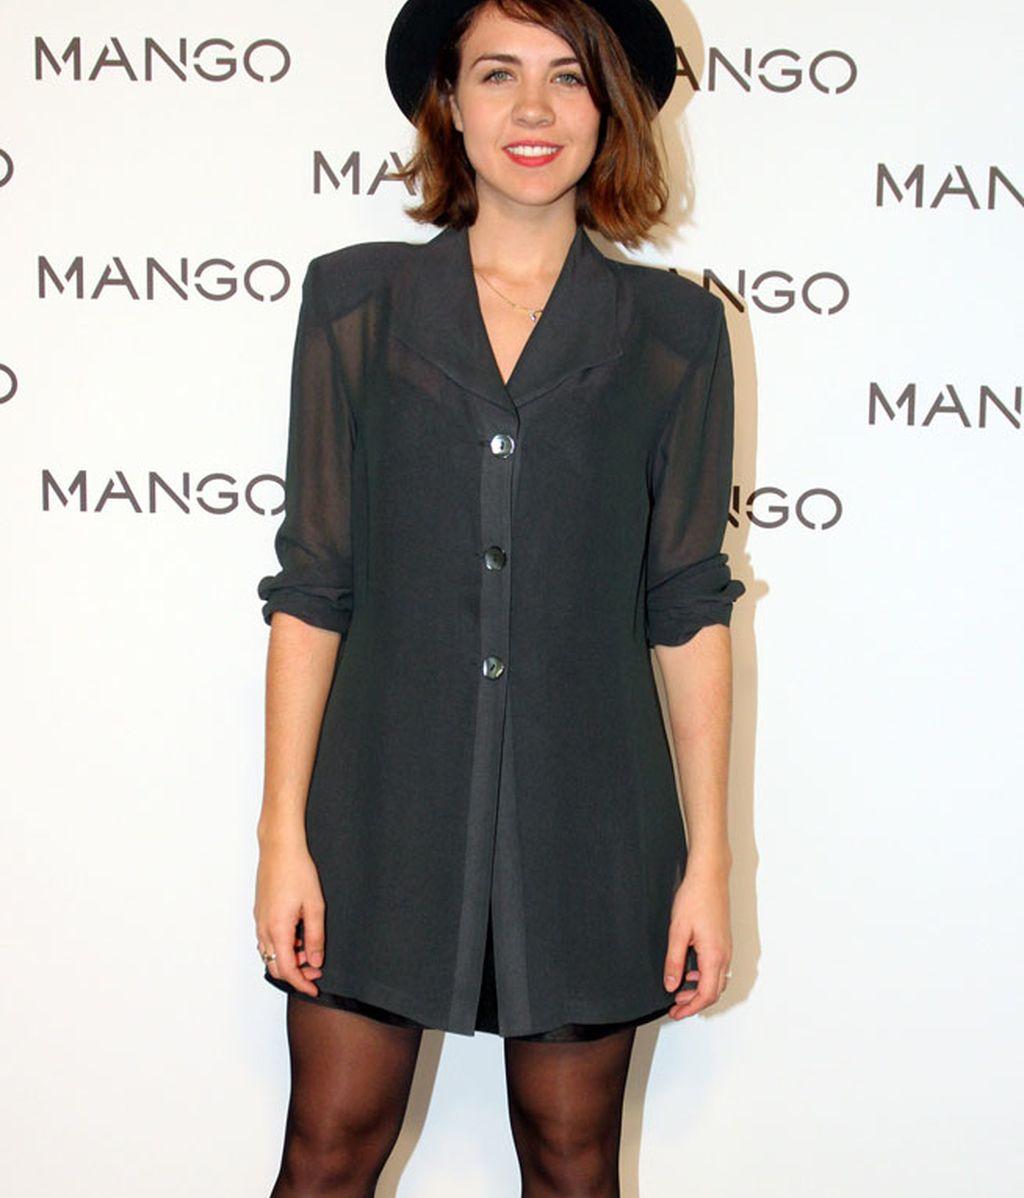 La actriz Andrea Guash acudió con un vestido camisero y sombrero